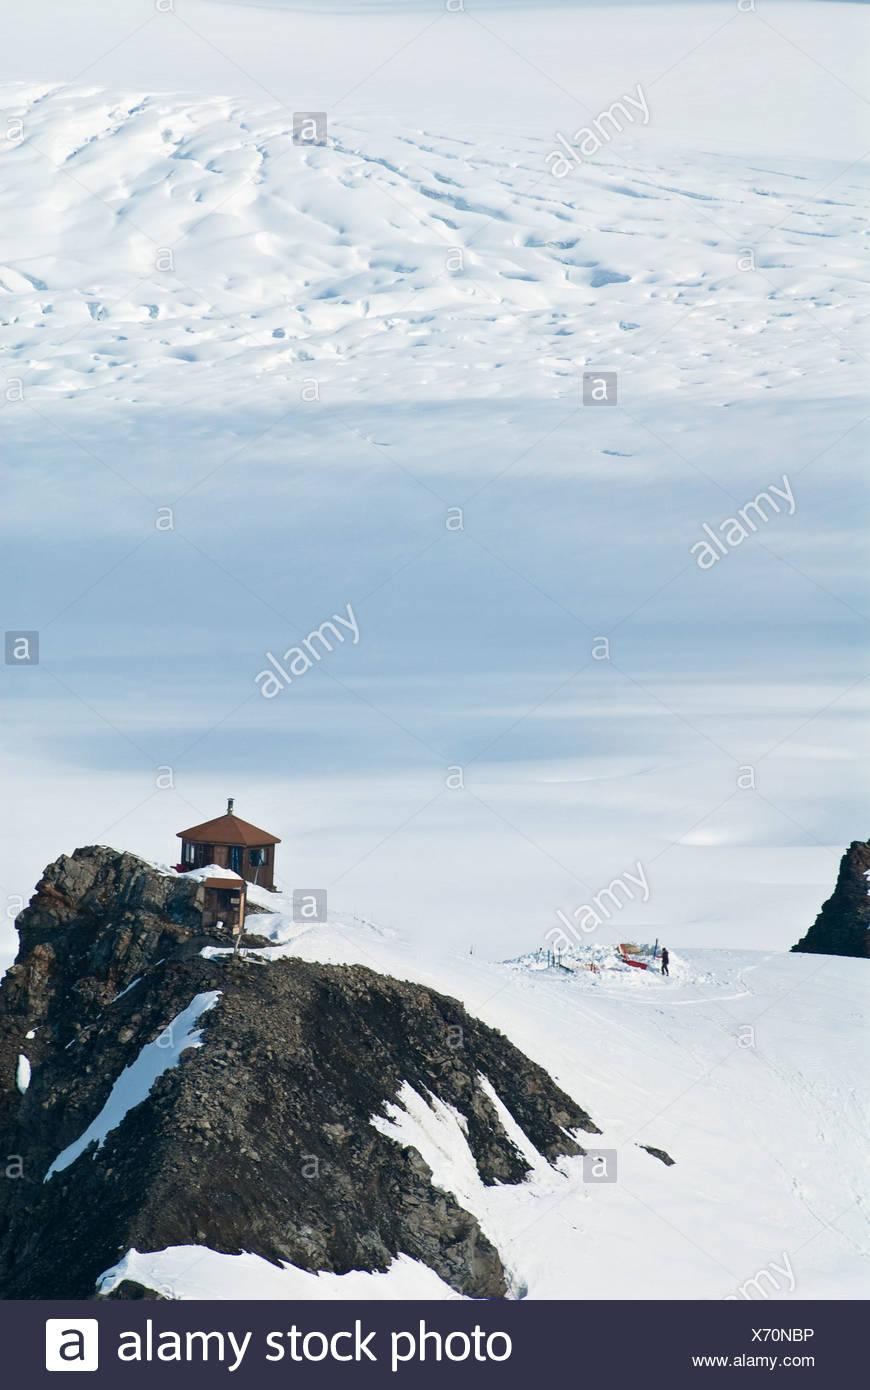 Ruth anfiteatro nel Parco Nazionale di Denali. Vista dalla tele-ski hill dietro il Don Sheldon capanna con un gruppo di inverno camper Immagini Stock